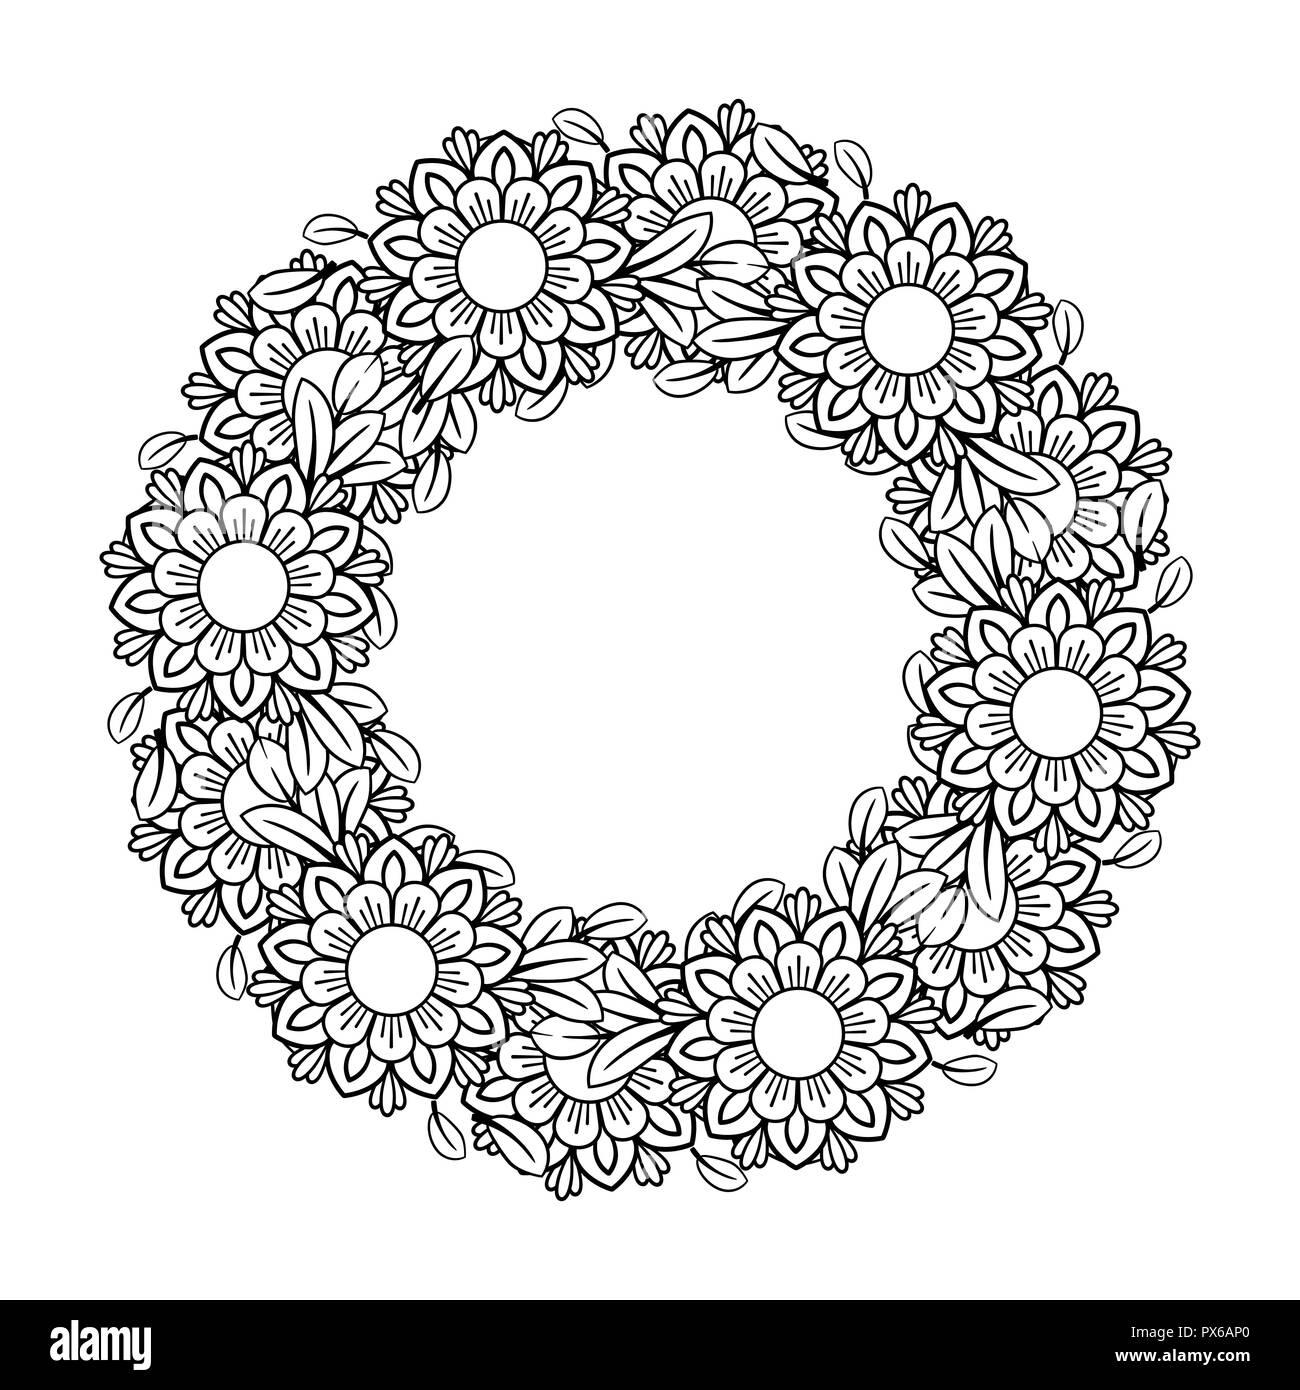 Coloriage Guirlande Fleurs.Des Profils Coloriage Avec Motif Fleurs Doodle Noir Et